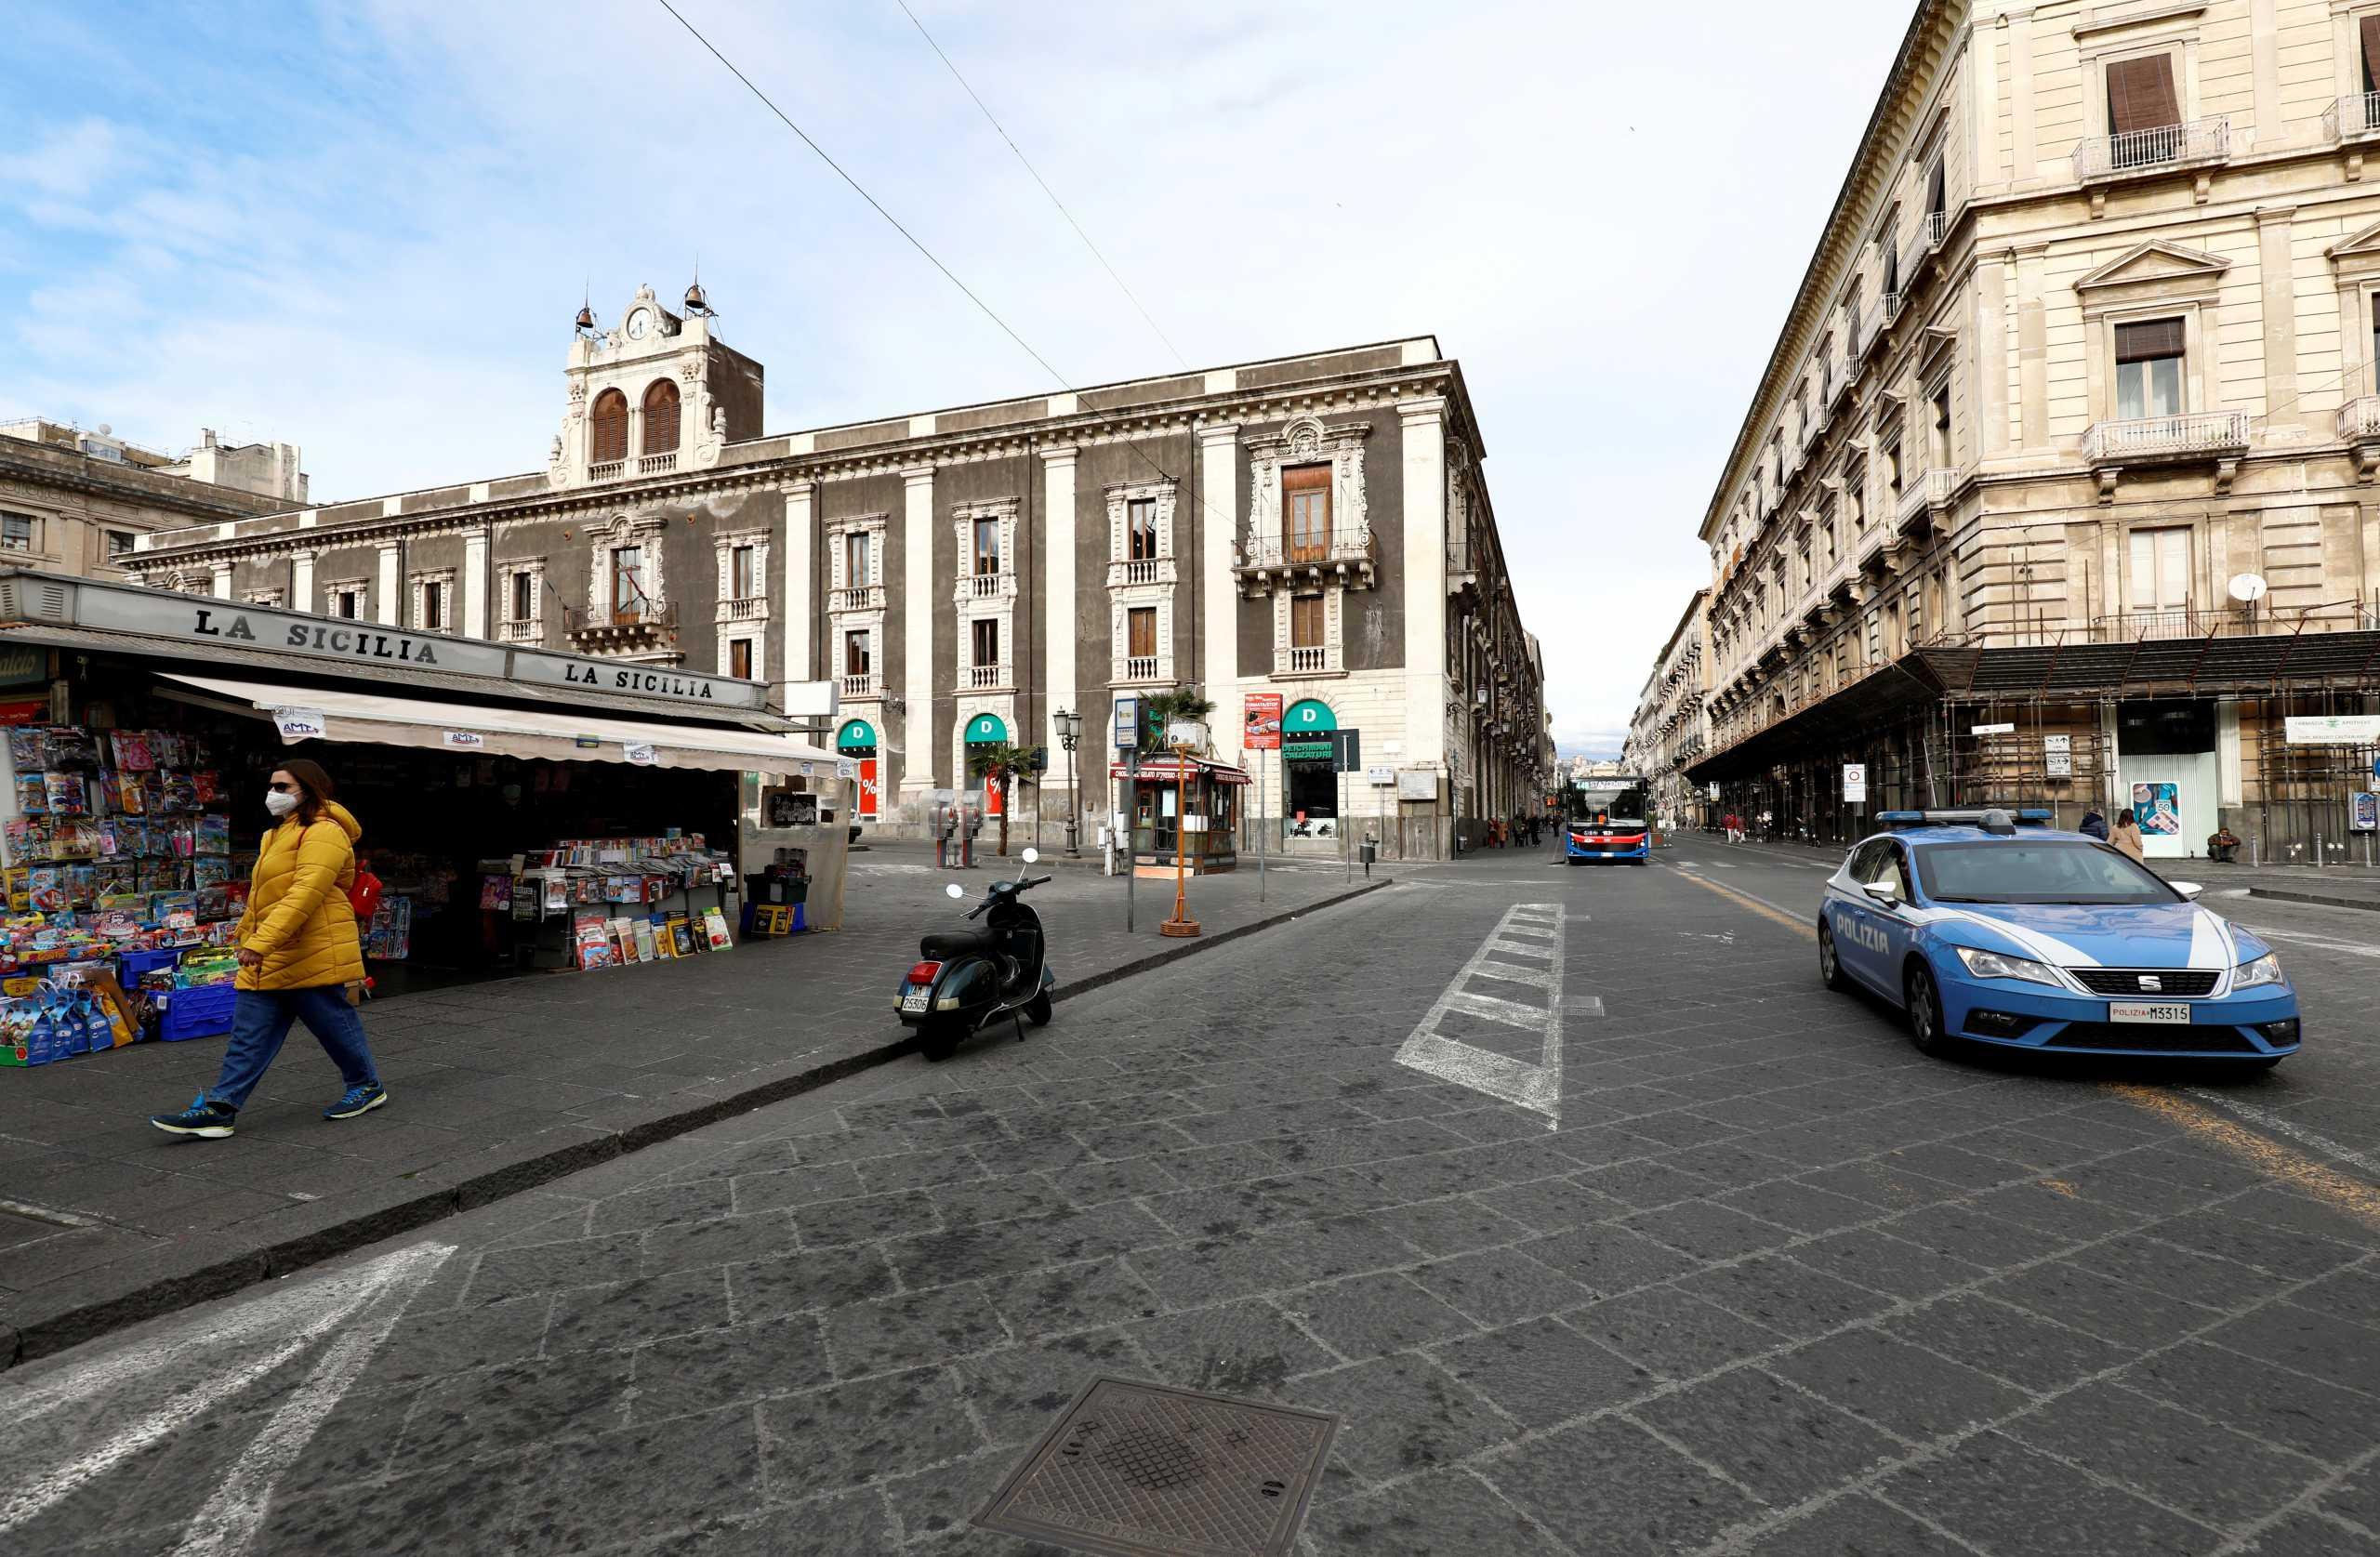 Ιταλία: 477 νεκροί και πάνω από 13.500 κρούσματα κορονοϊού